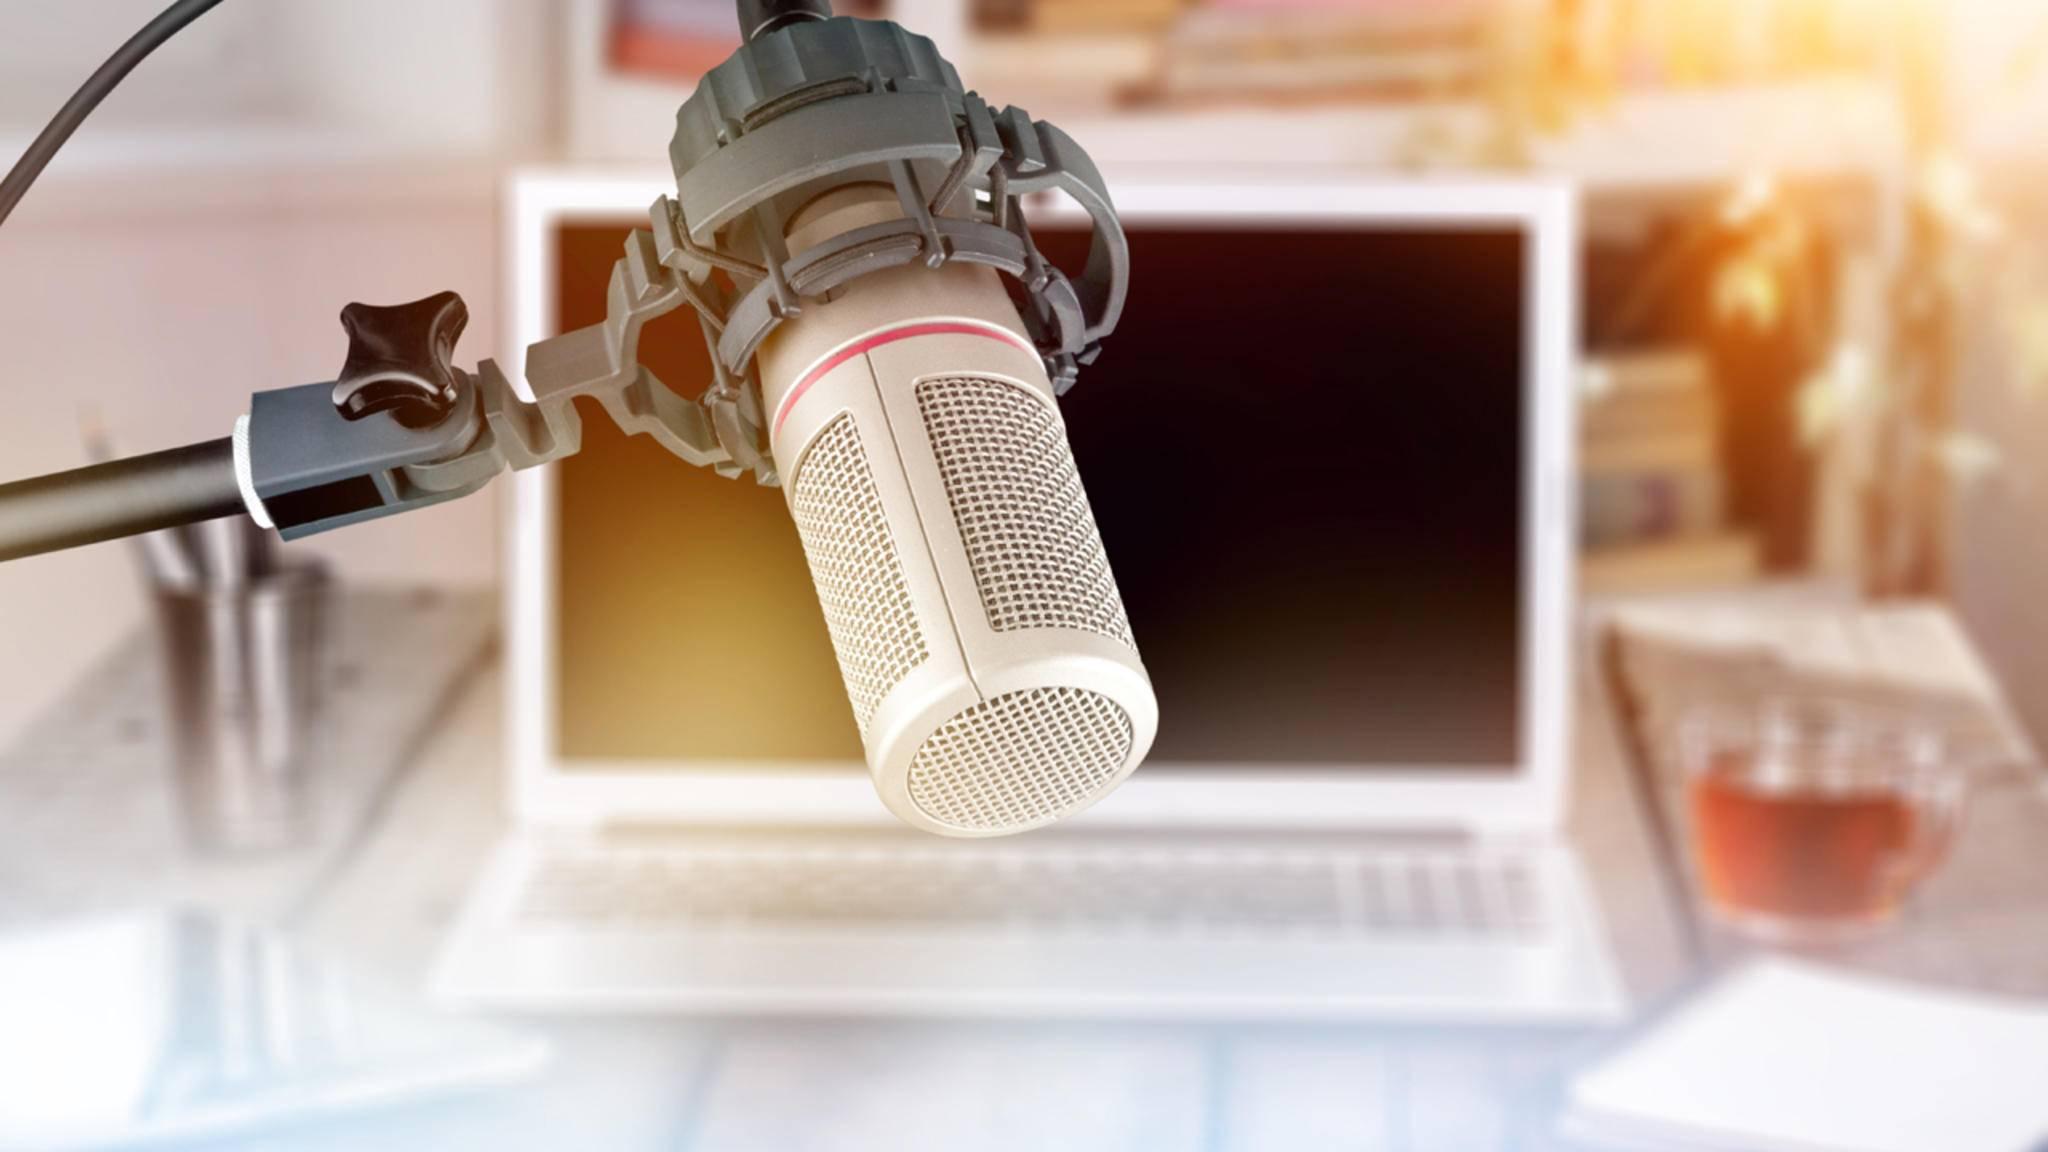 Für einen ernsthaften Podcast solltest Du ein ordentliches Mikrofon nutzen.